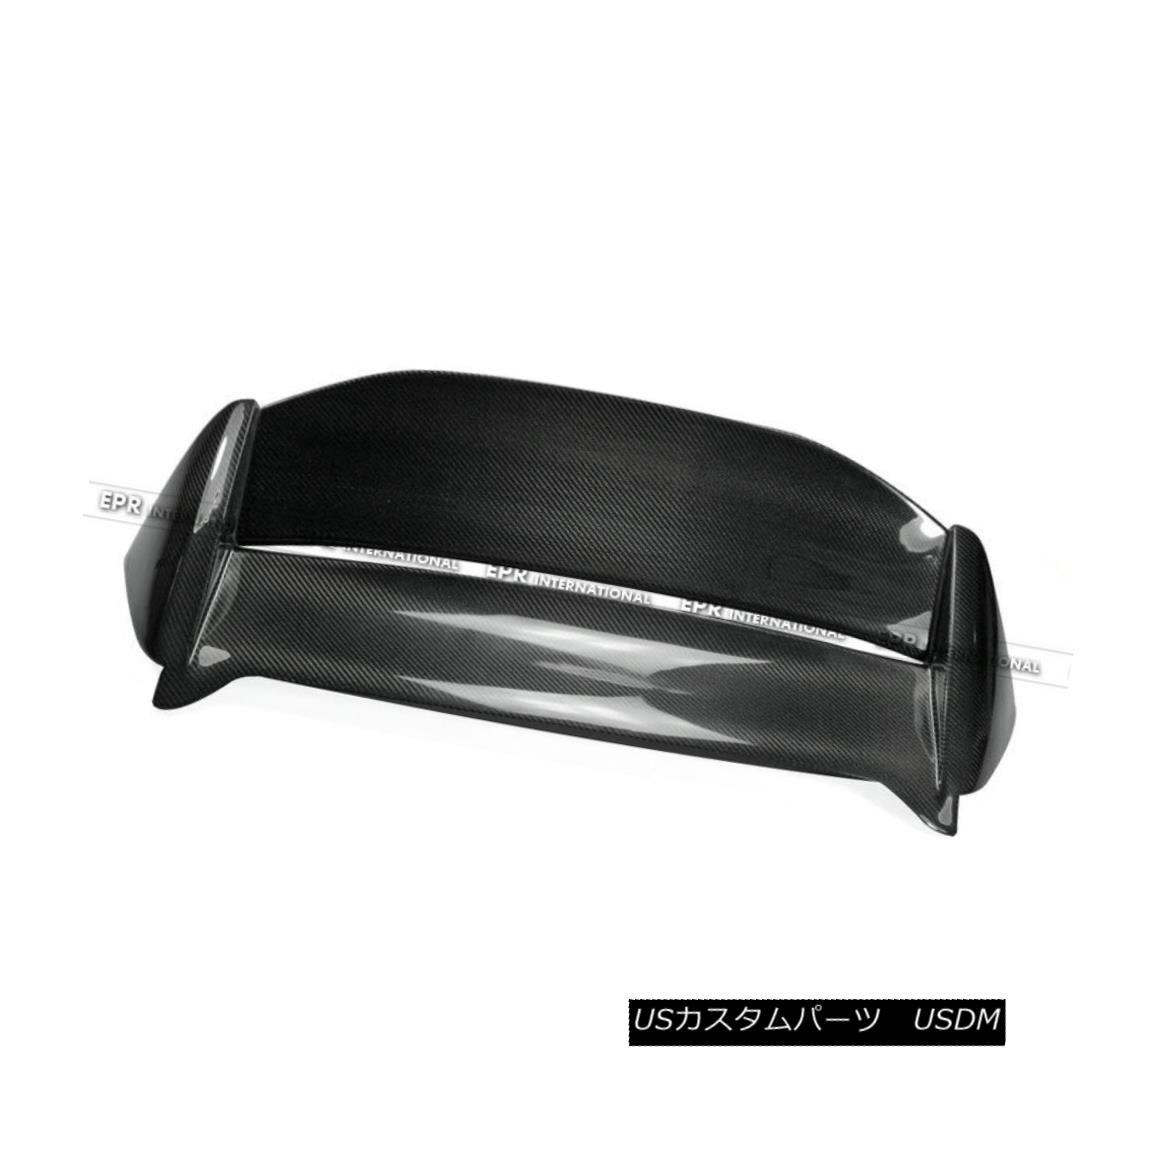 エアロパーツ ABC Carbon Hatchback Roof Spoiler Wing USDM For Honda 02-05 Civic EP3 Mug-Style ホンダ用ABCカーボンハッチバックルーフスポイラーウイングUSDM 02-05 Civic EP3マグスタイル